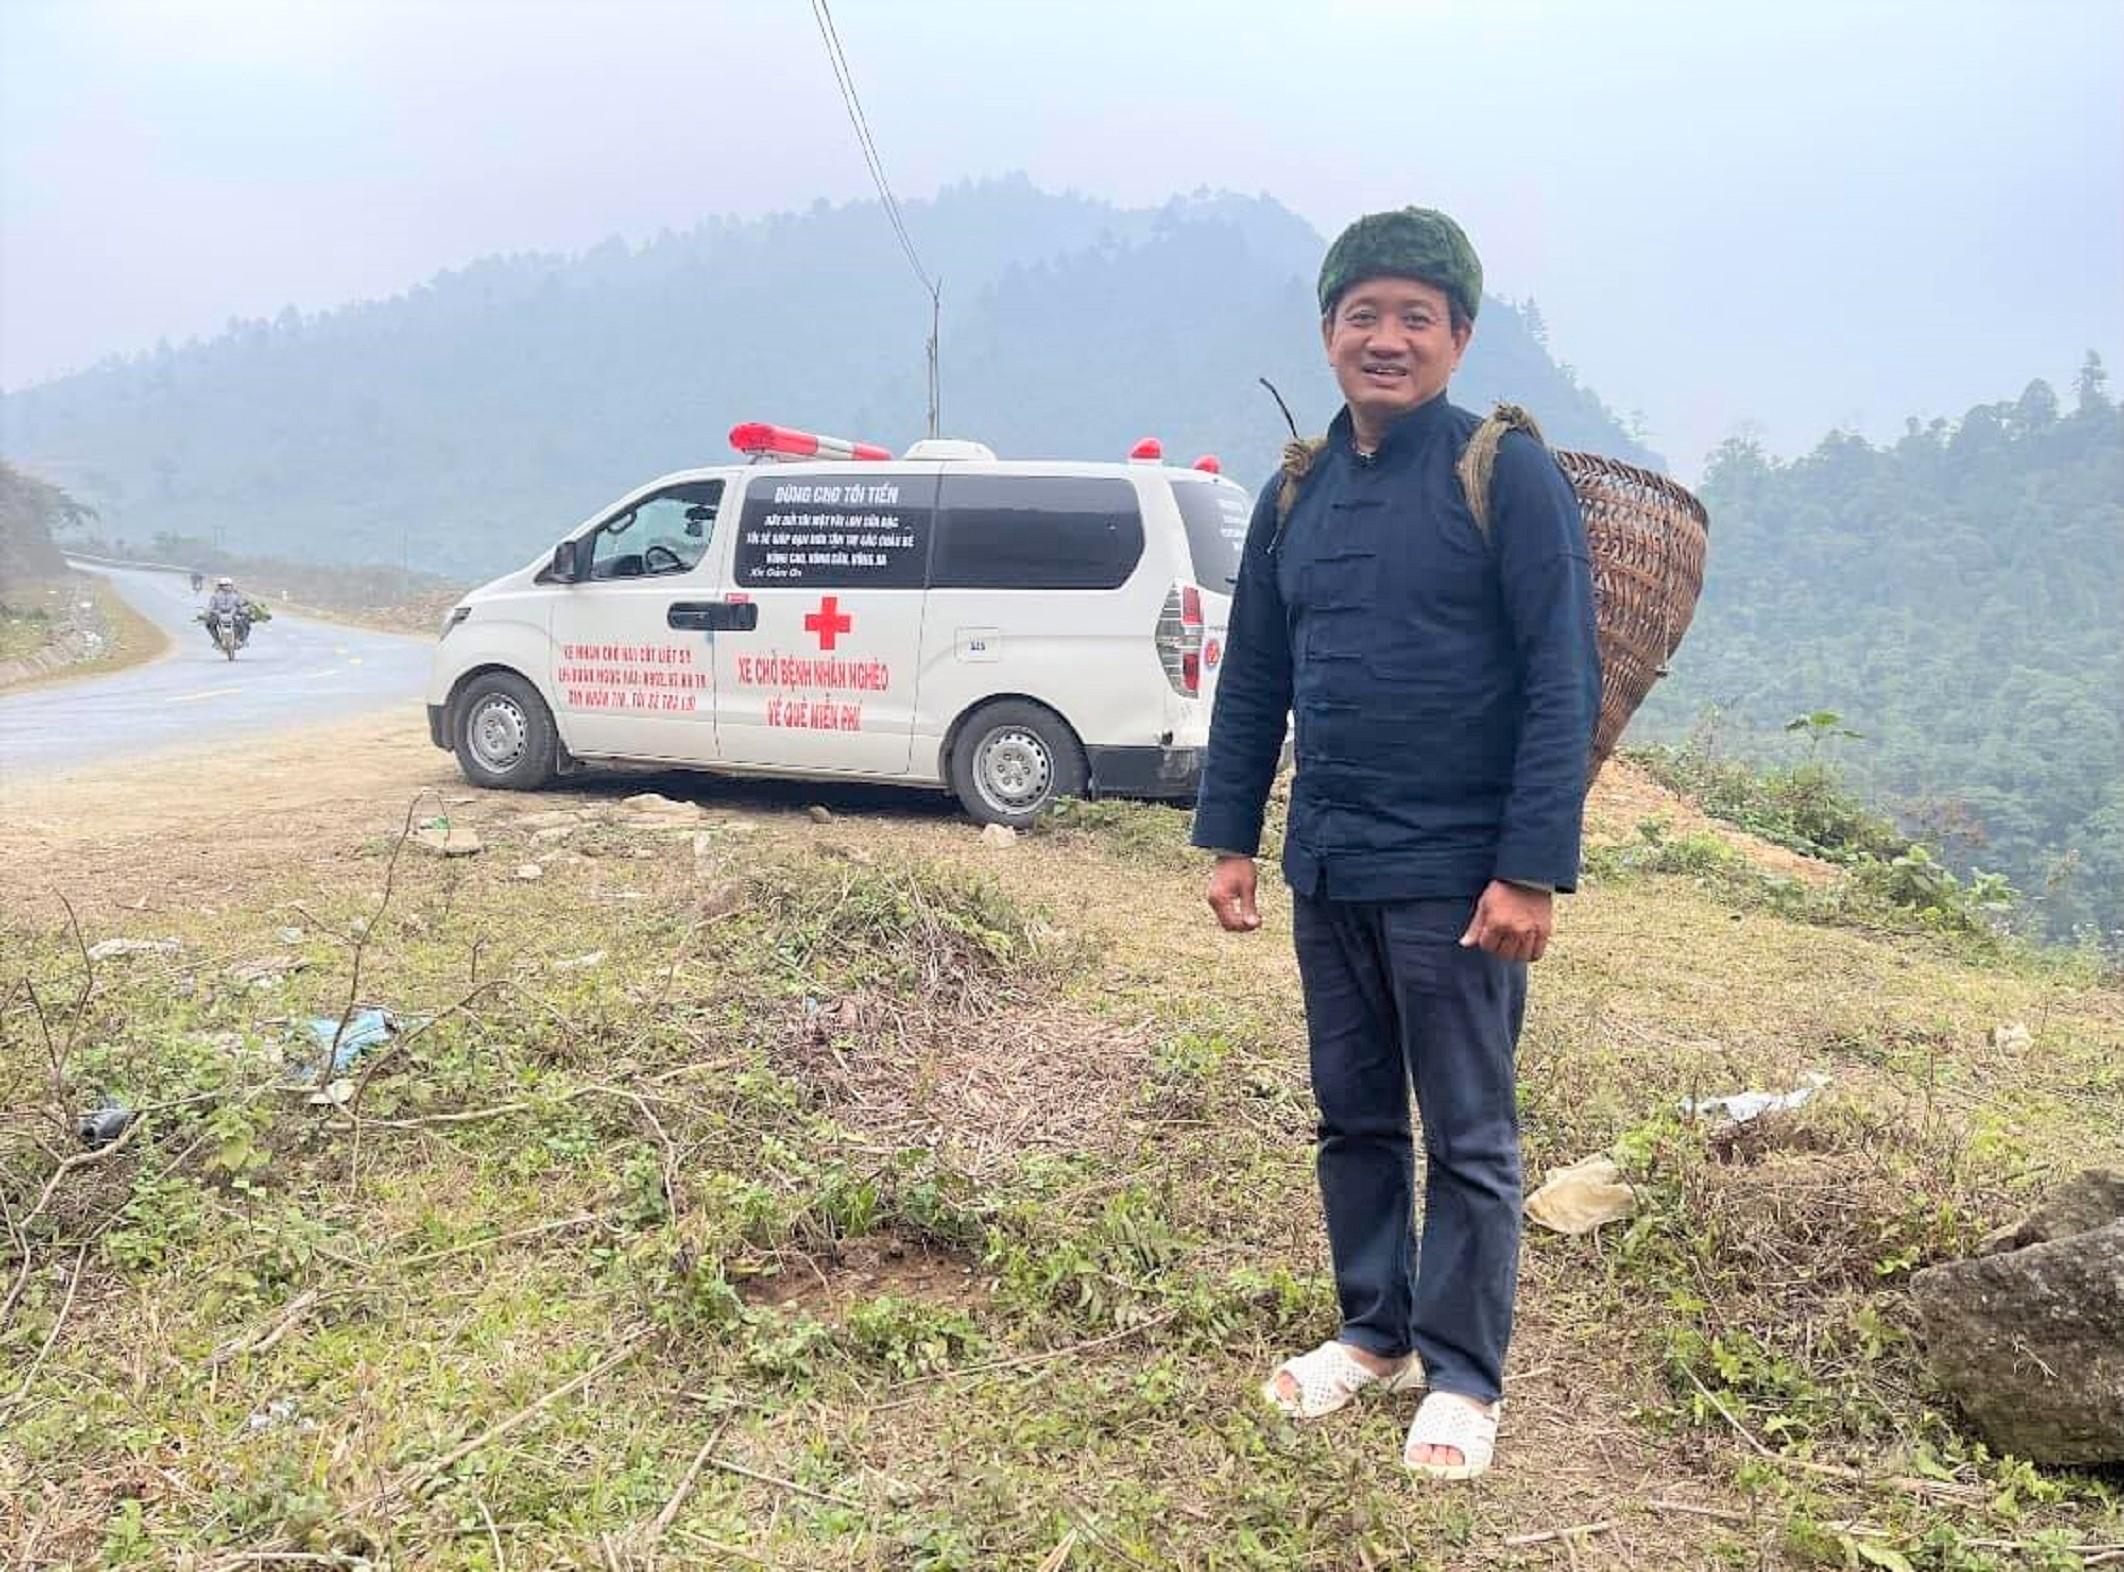 Phút ngấu hứng của ông Đoàn Ngọc Hải trong một chuyến đi từ thiện ở Hà Giang